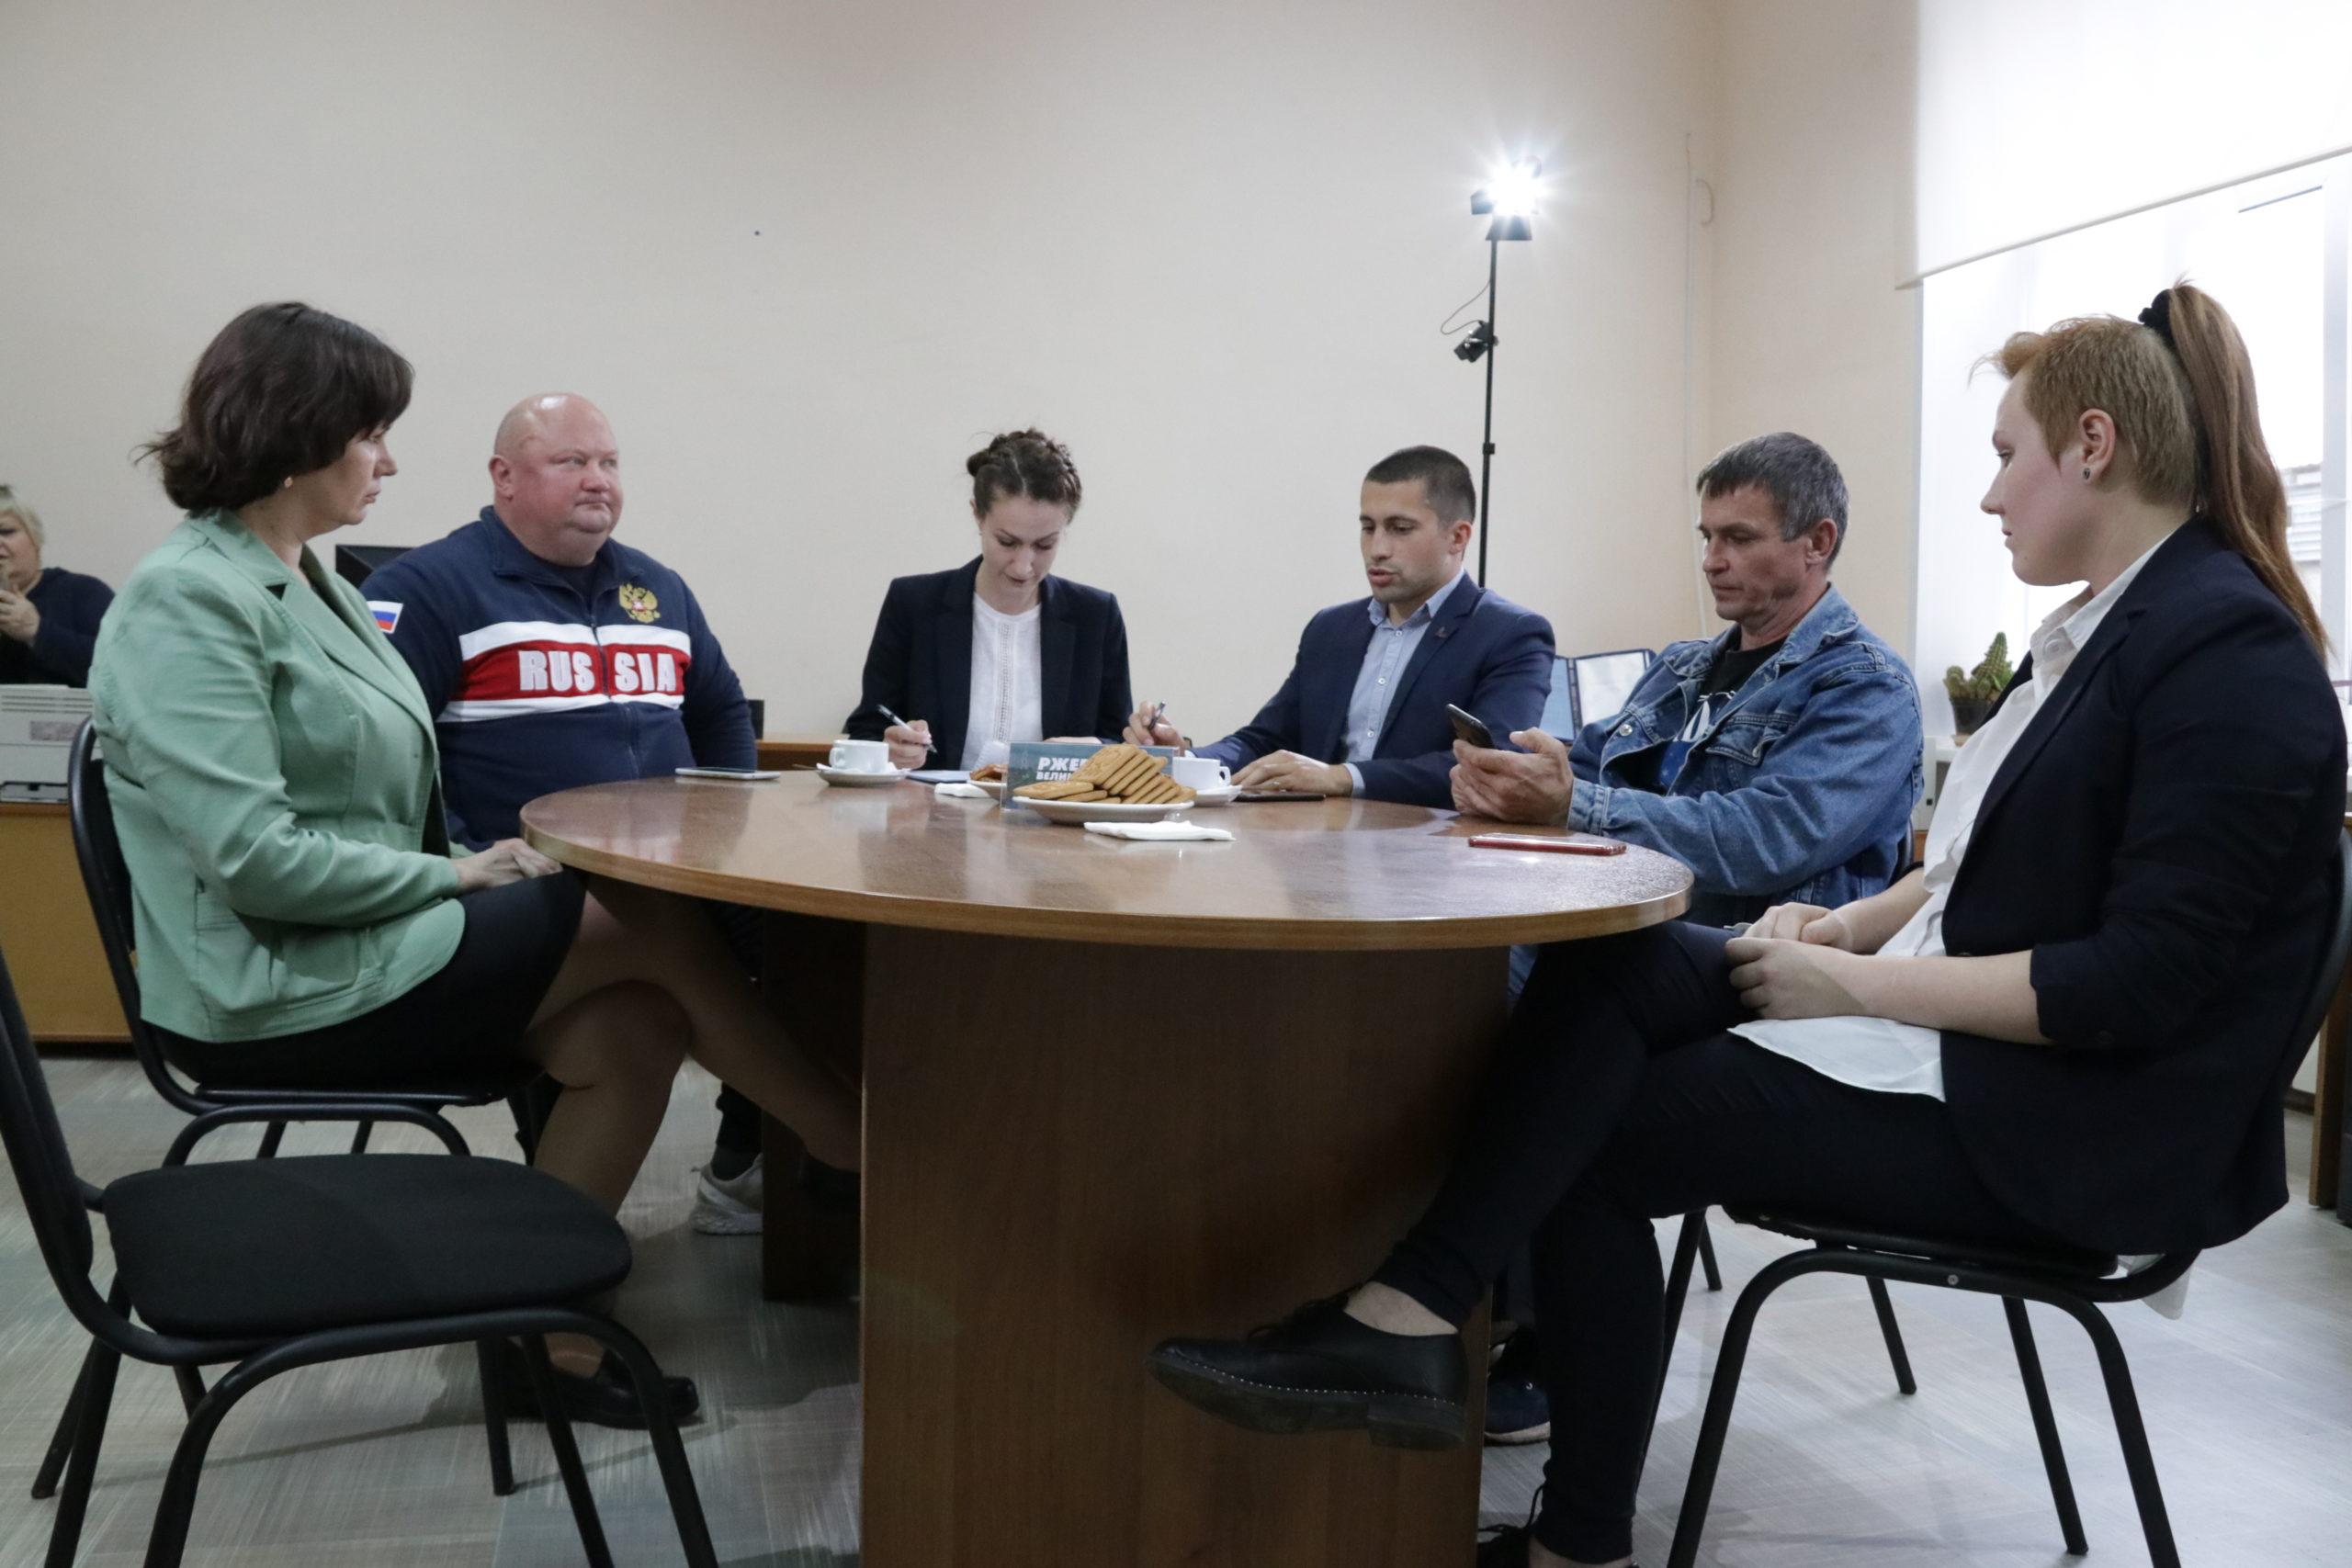 Ржевские общественники обсудили работу с молодёжью и перспективы возрождения высшего образования в районе